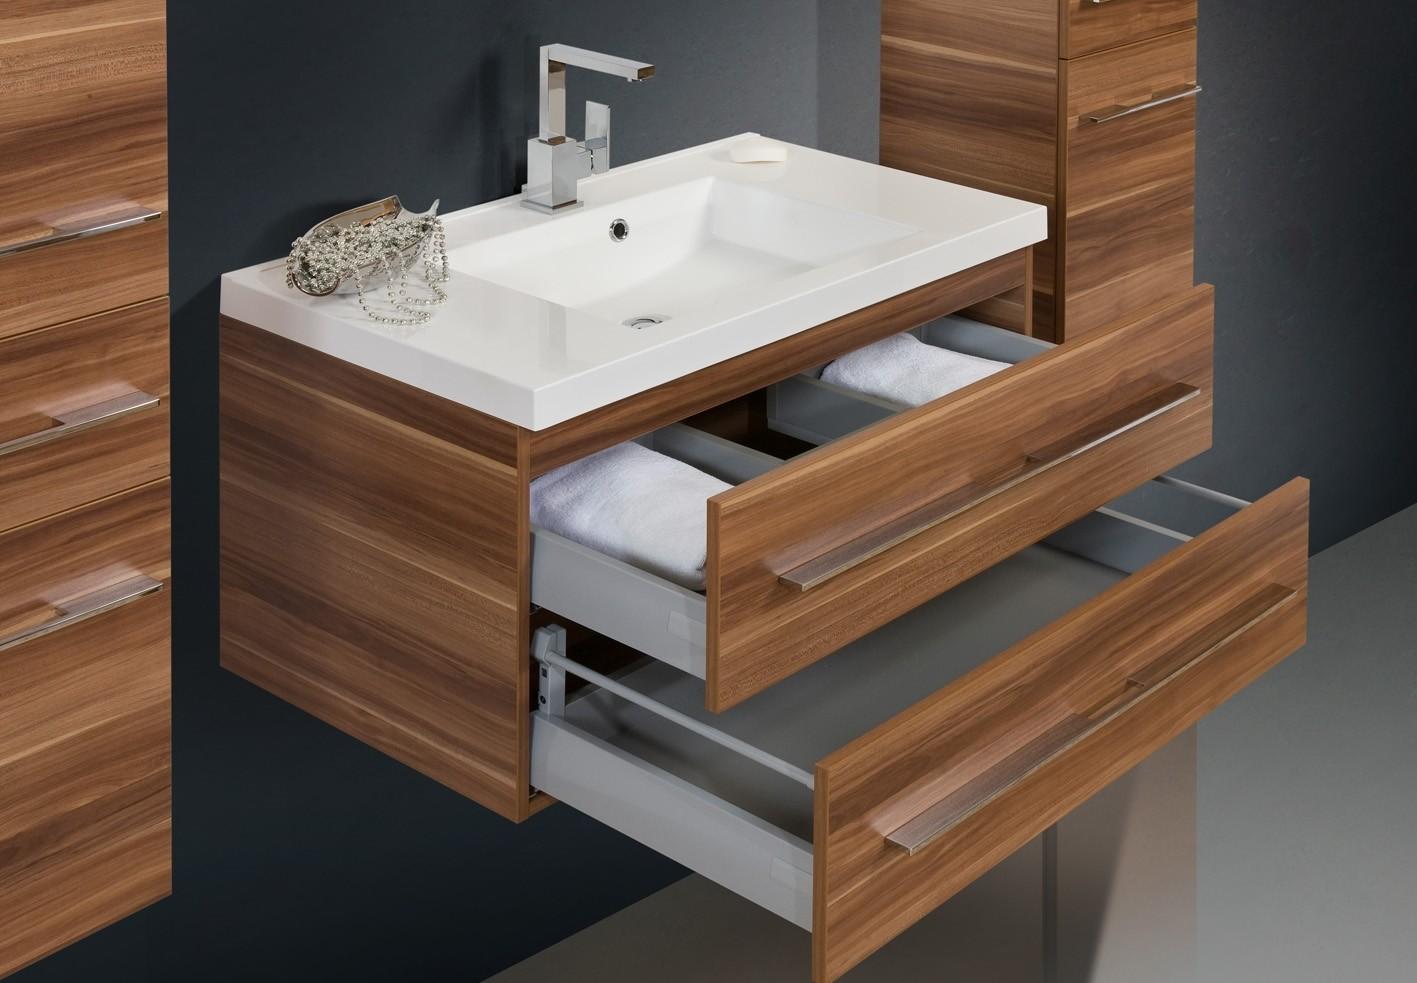 Design badm bel set lichtspiegel waschtisch 90cm - Designer badmobel ...